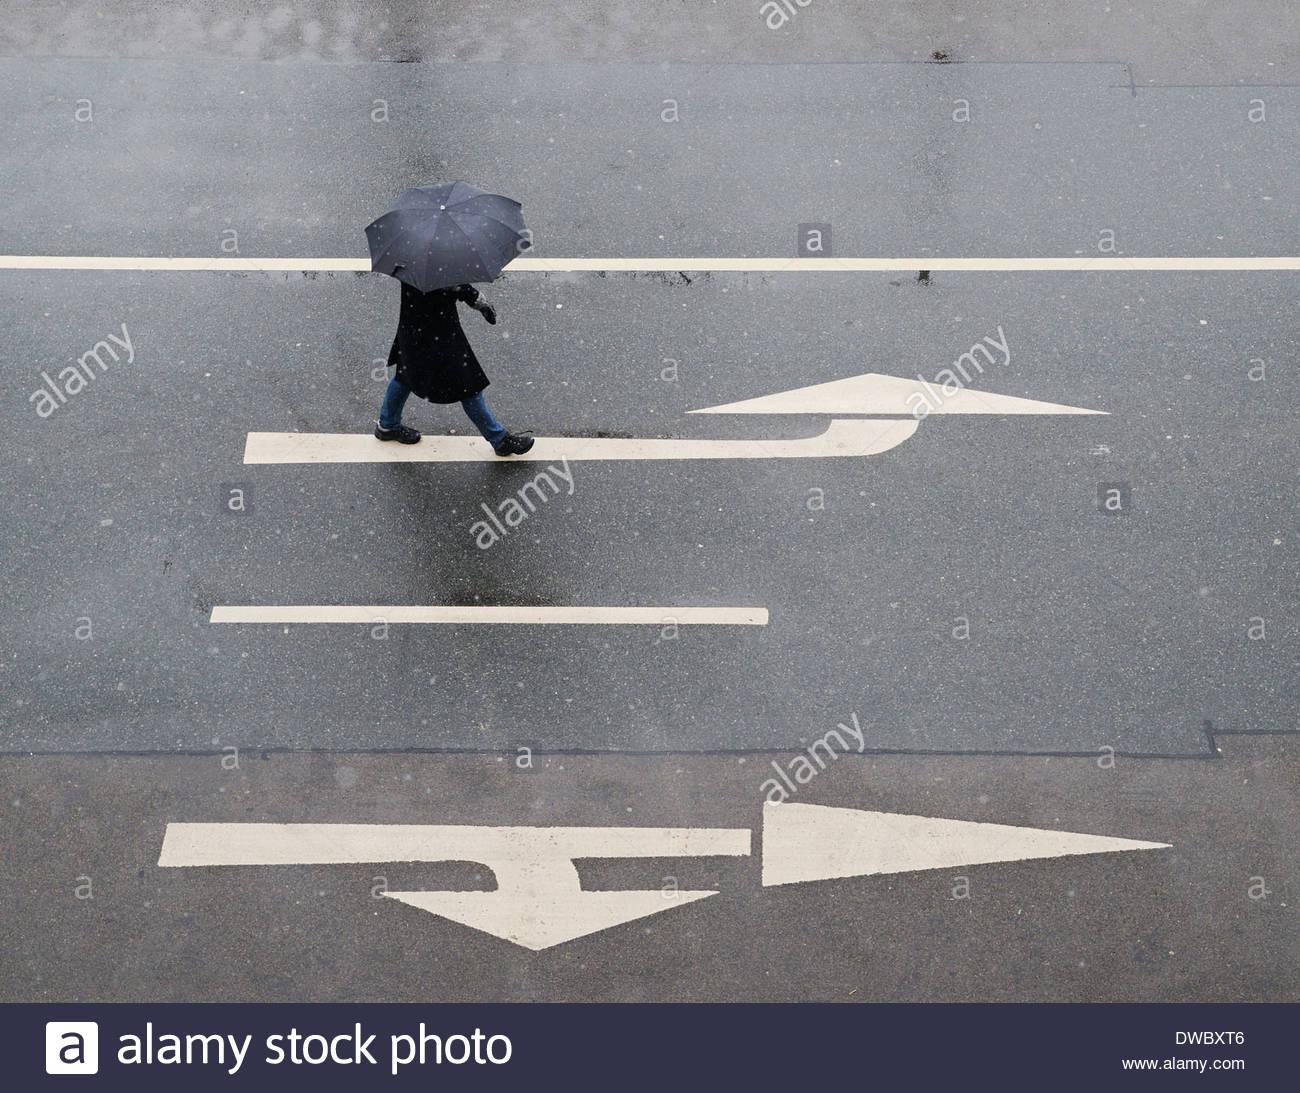 Un alto ángulo de visualización de la mujer con sombrilla caminando en la carretera Imagen De Stock